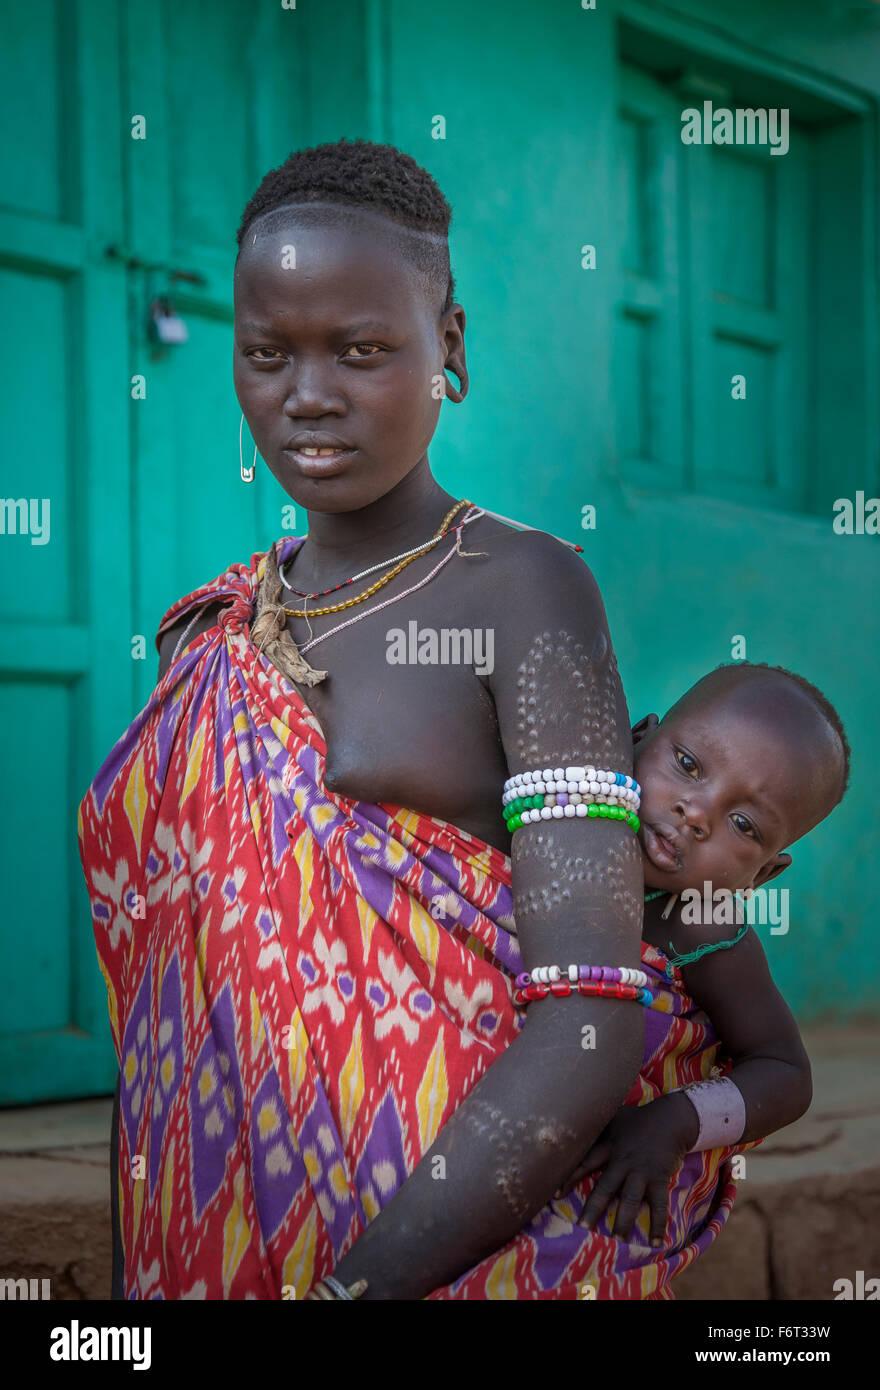 Mujer Negra llevando hija en cabestrillo Foto de stock